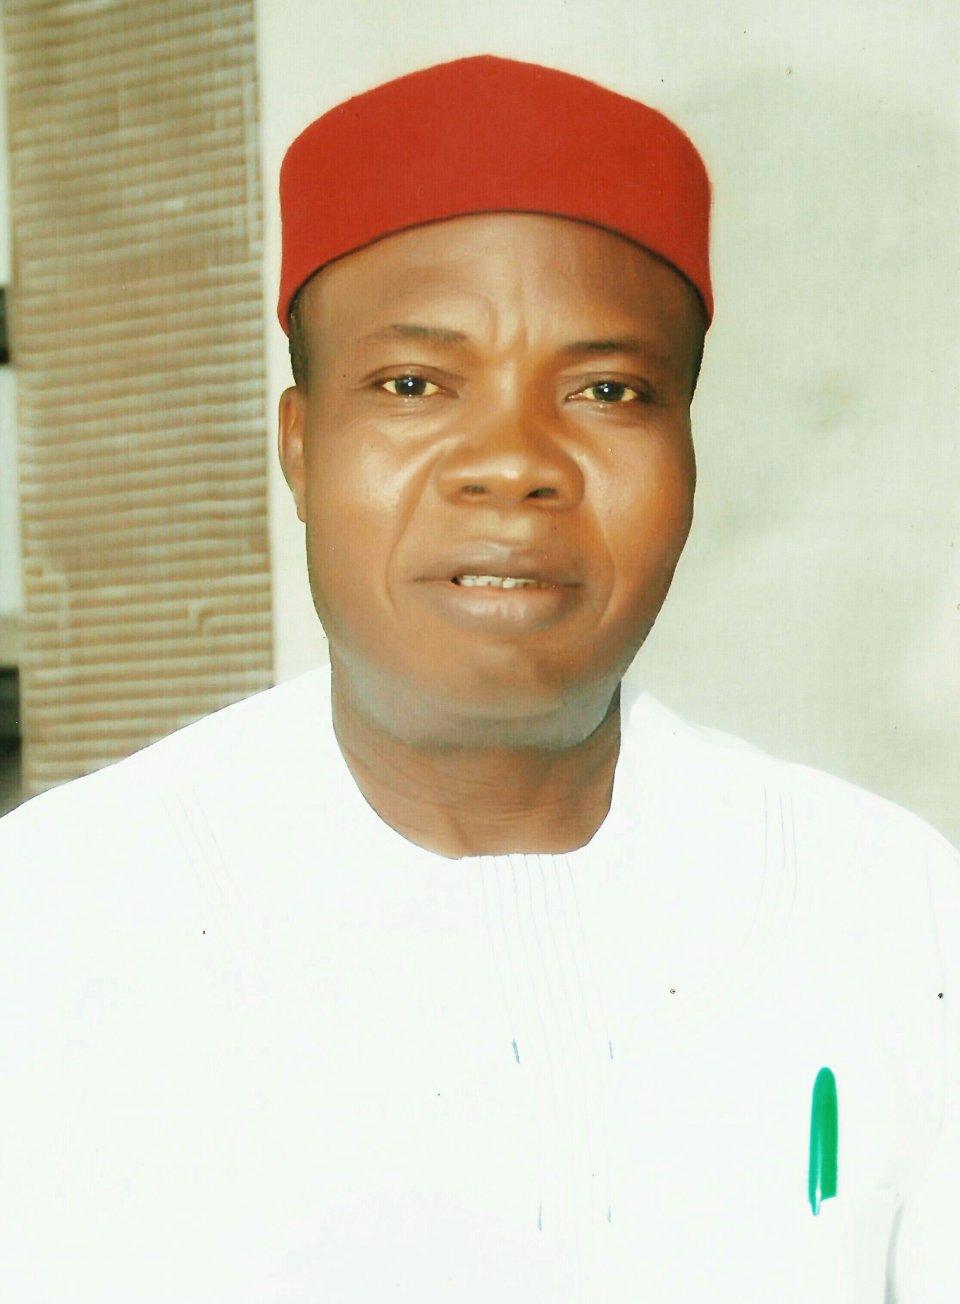 Lawrence Egun Onyeche